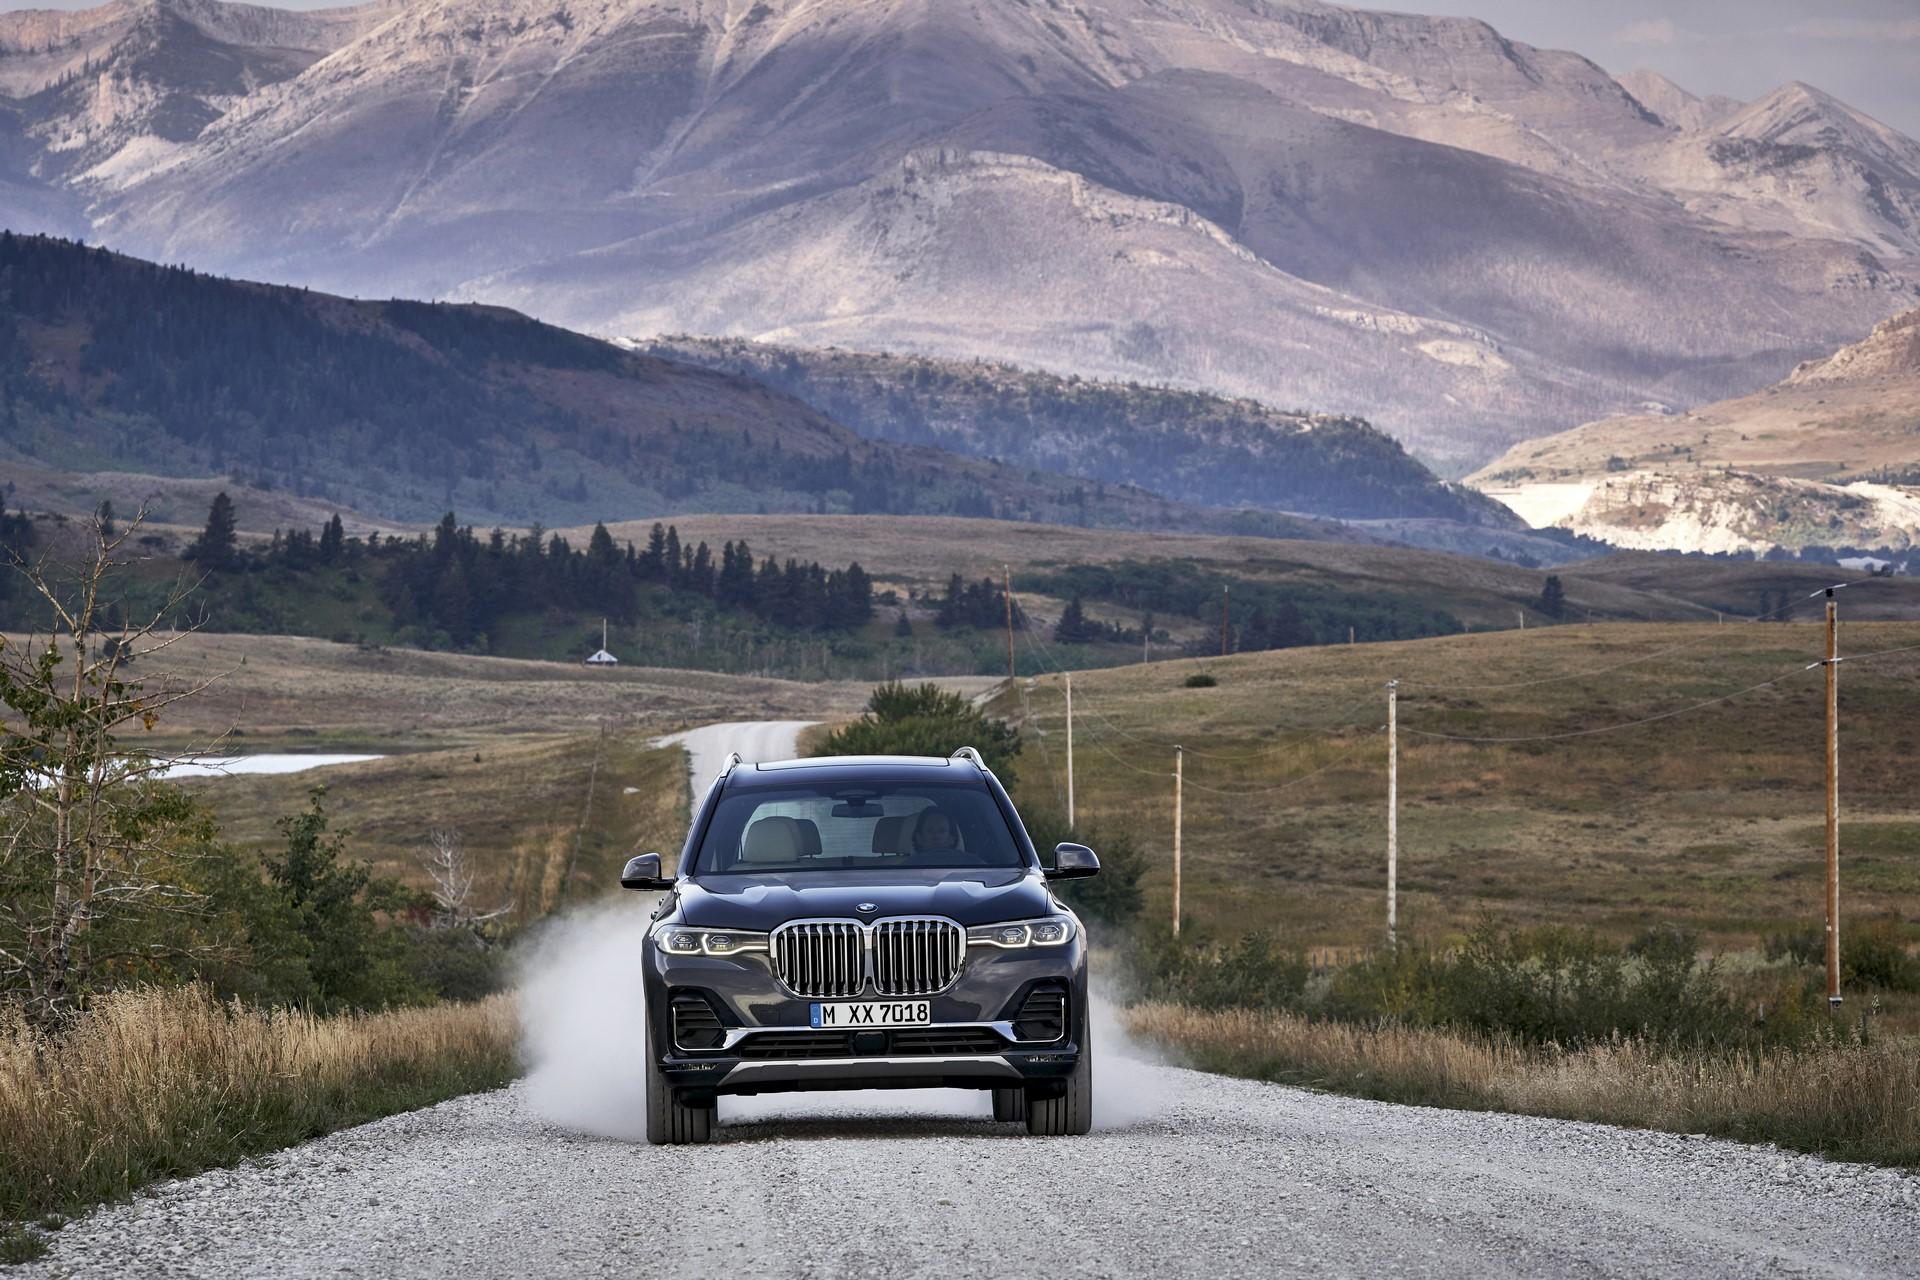 BMW X7 2019 (20)